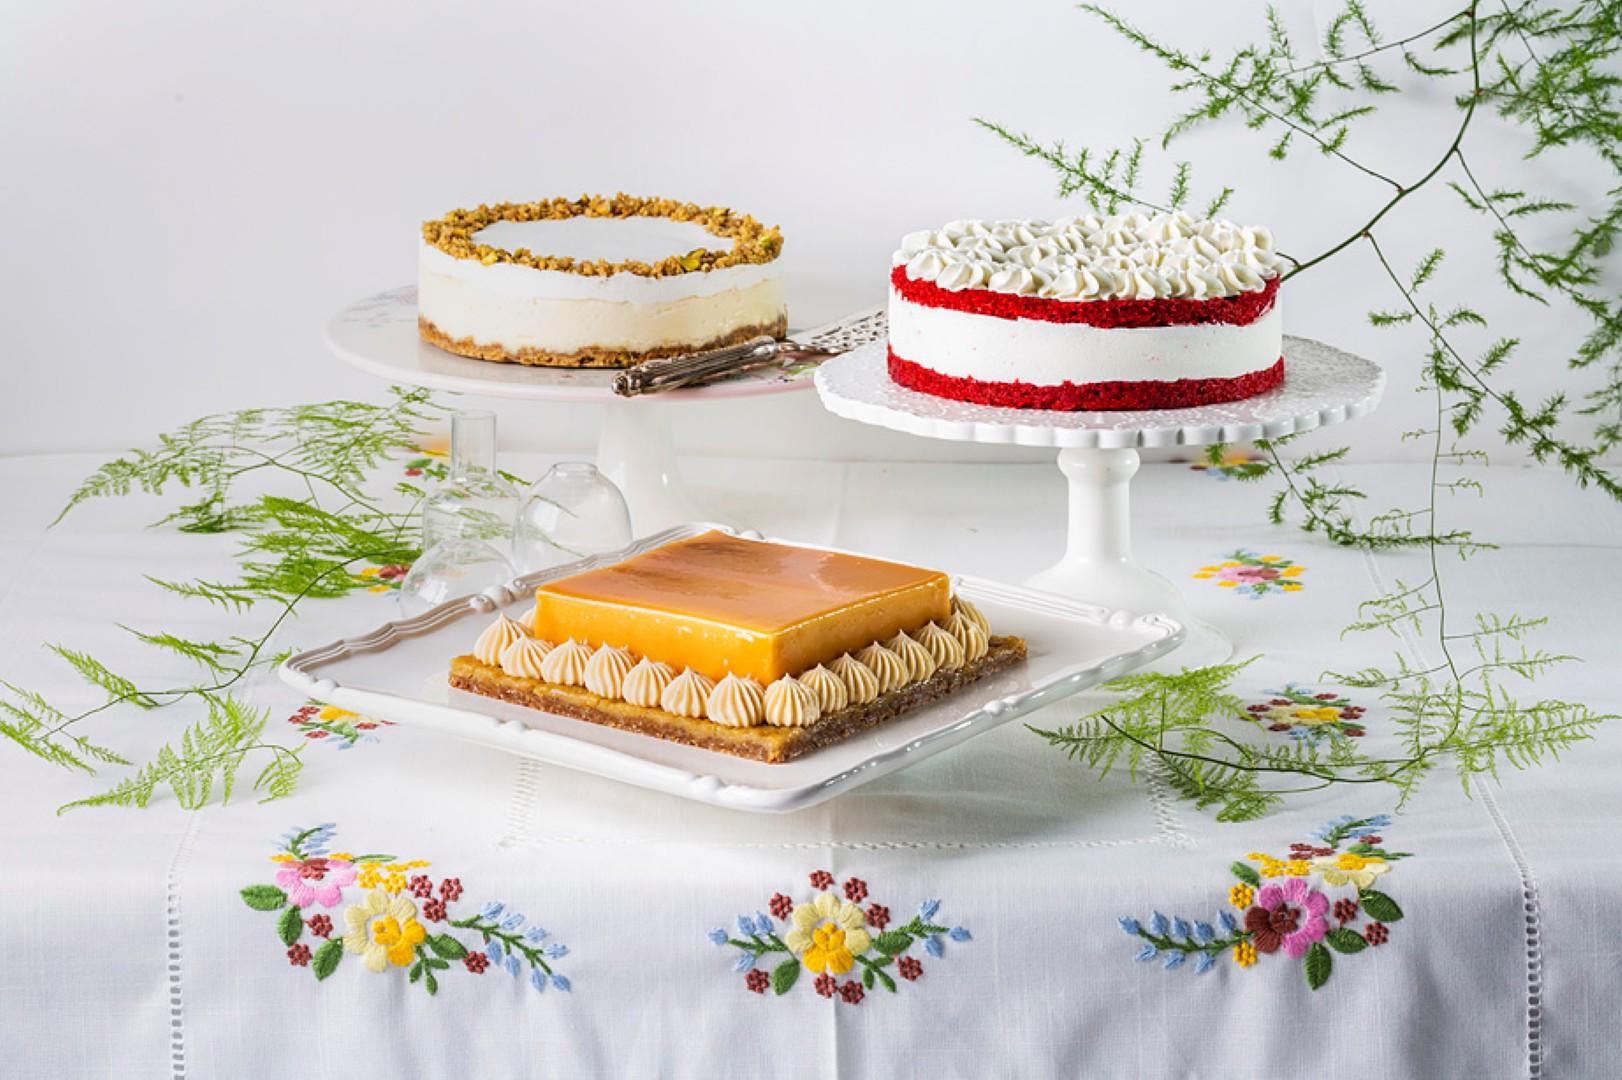 עוגות שבועות של ביסקוטי (צילום: בועז לביא)